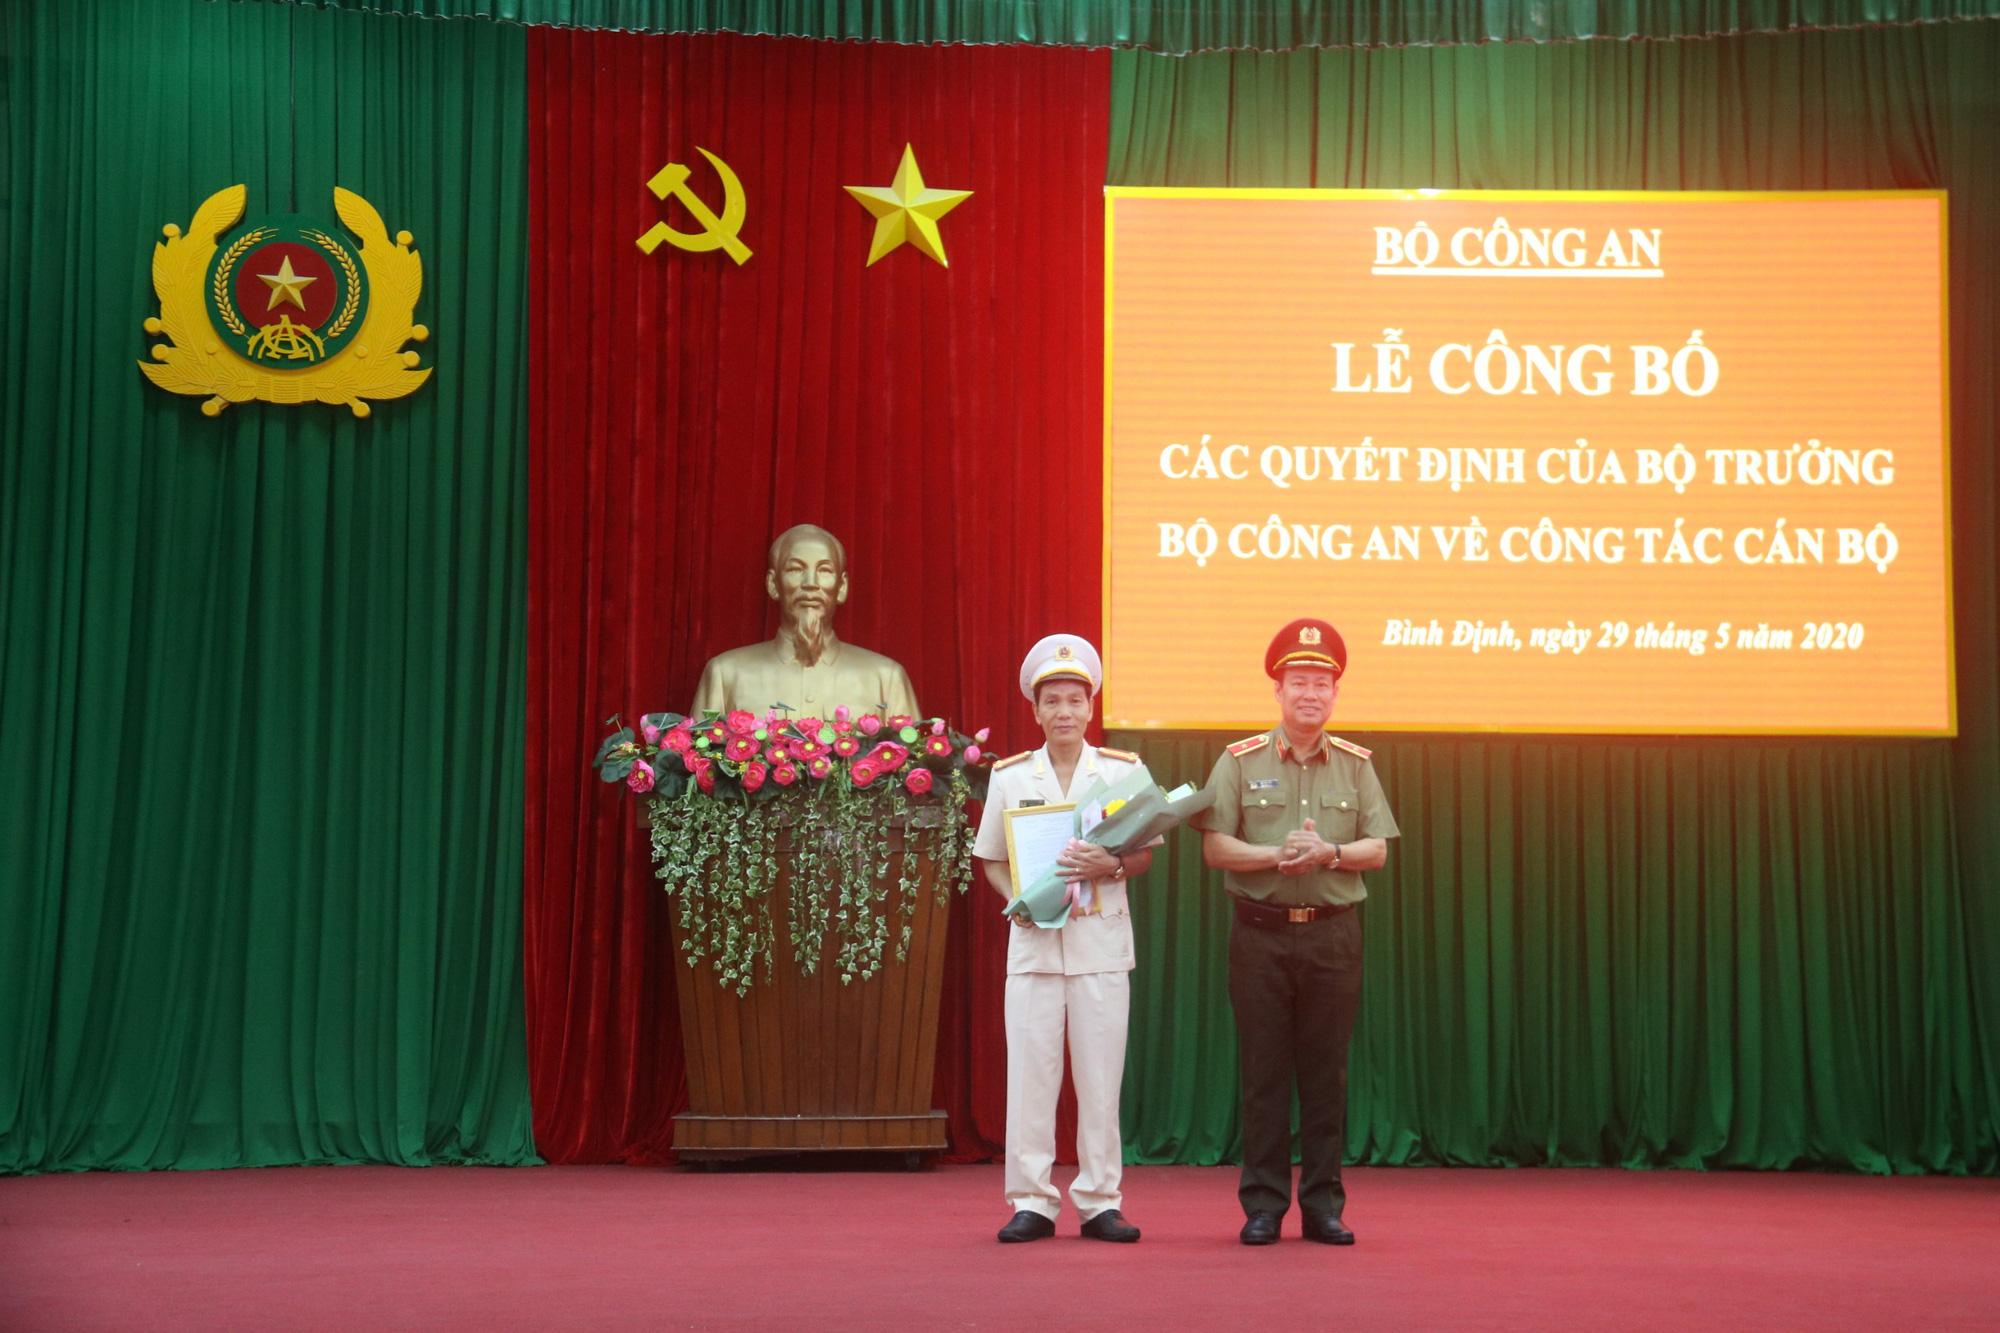 Tân Giám đốc Công an tỉnh Bình Định là ai? - Ảnh 1.